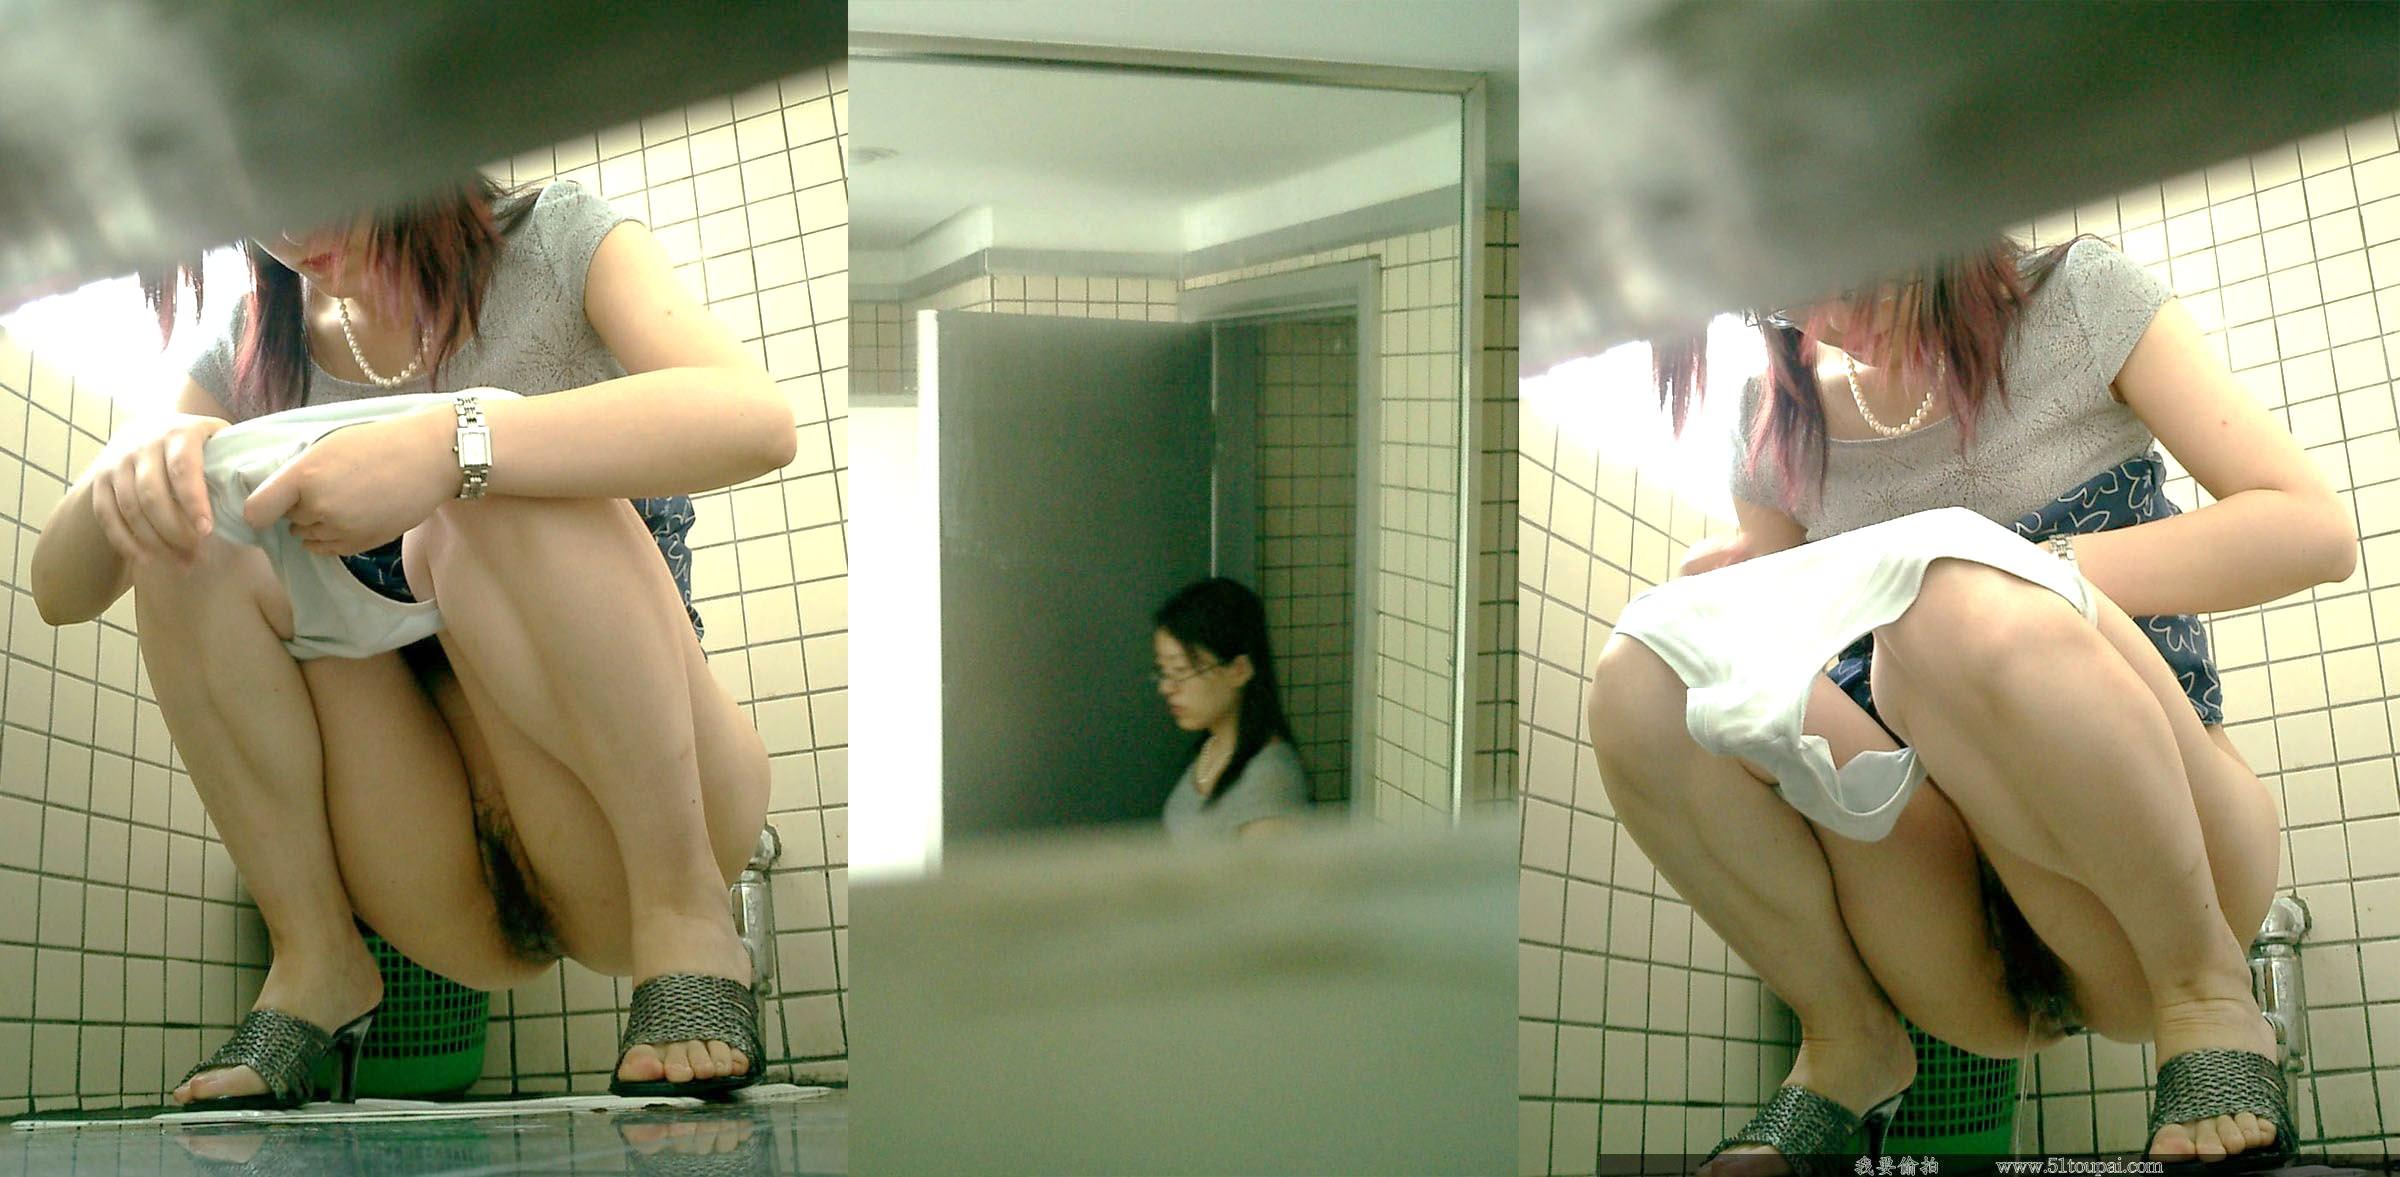 生々しすぎるガチ素人の放尿シーン!!女子トイレ盗撮画像!! 21598